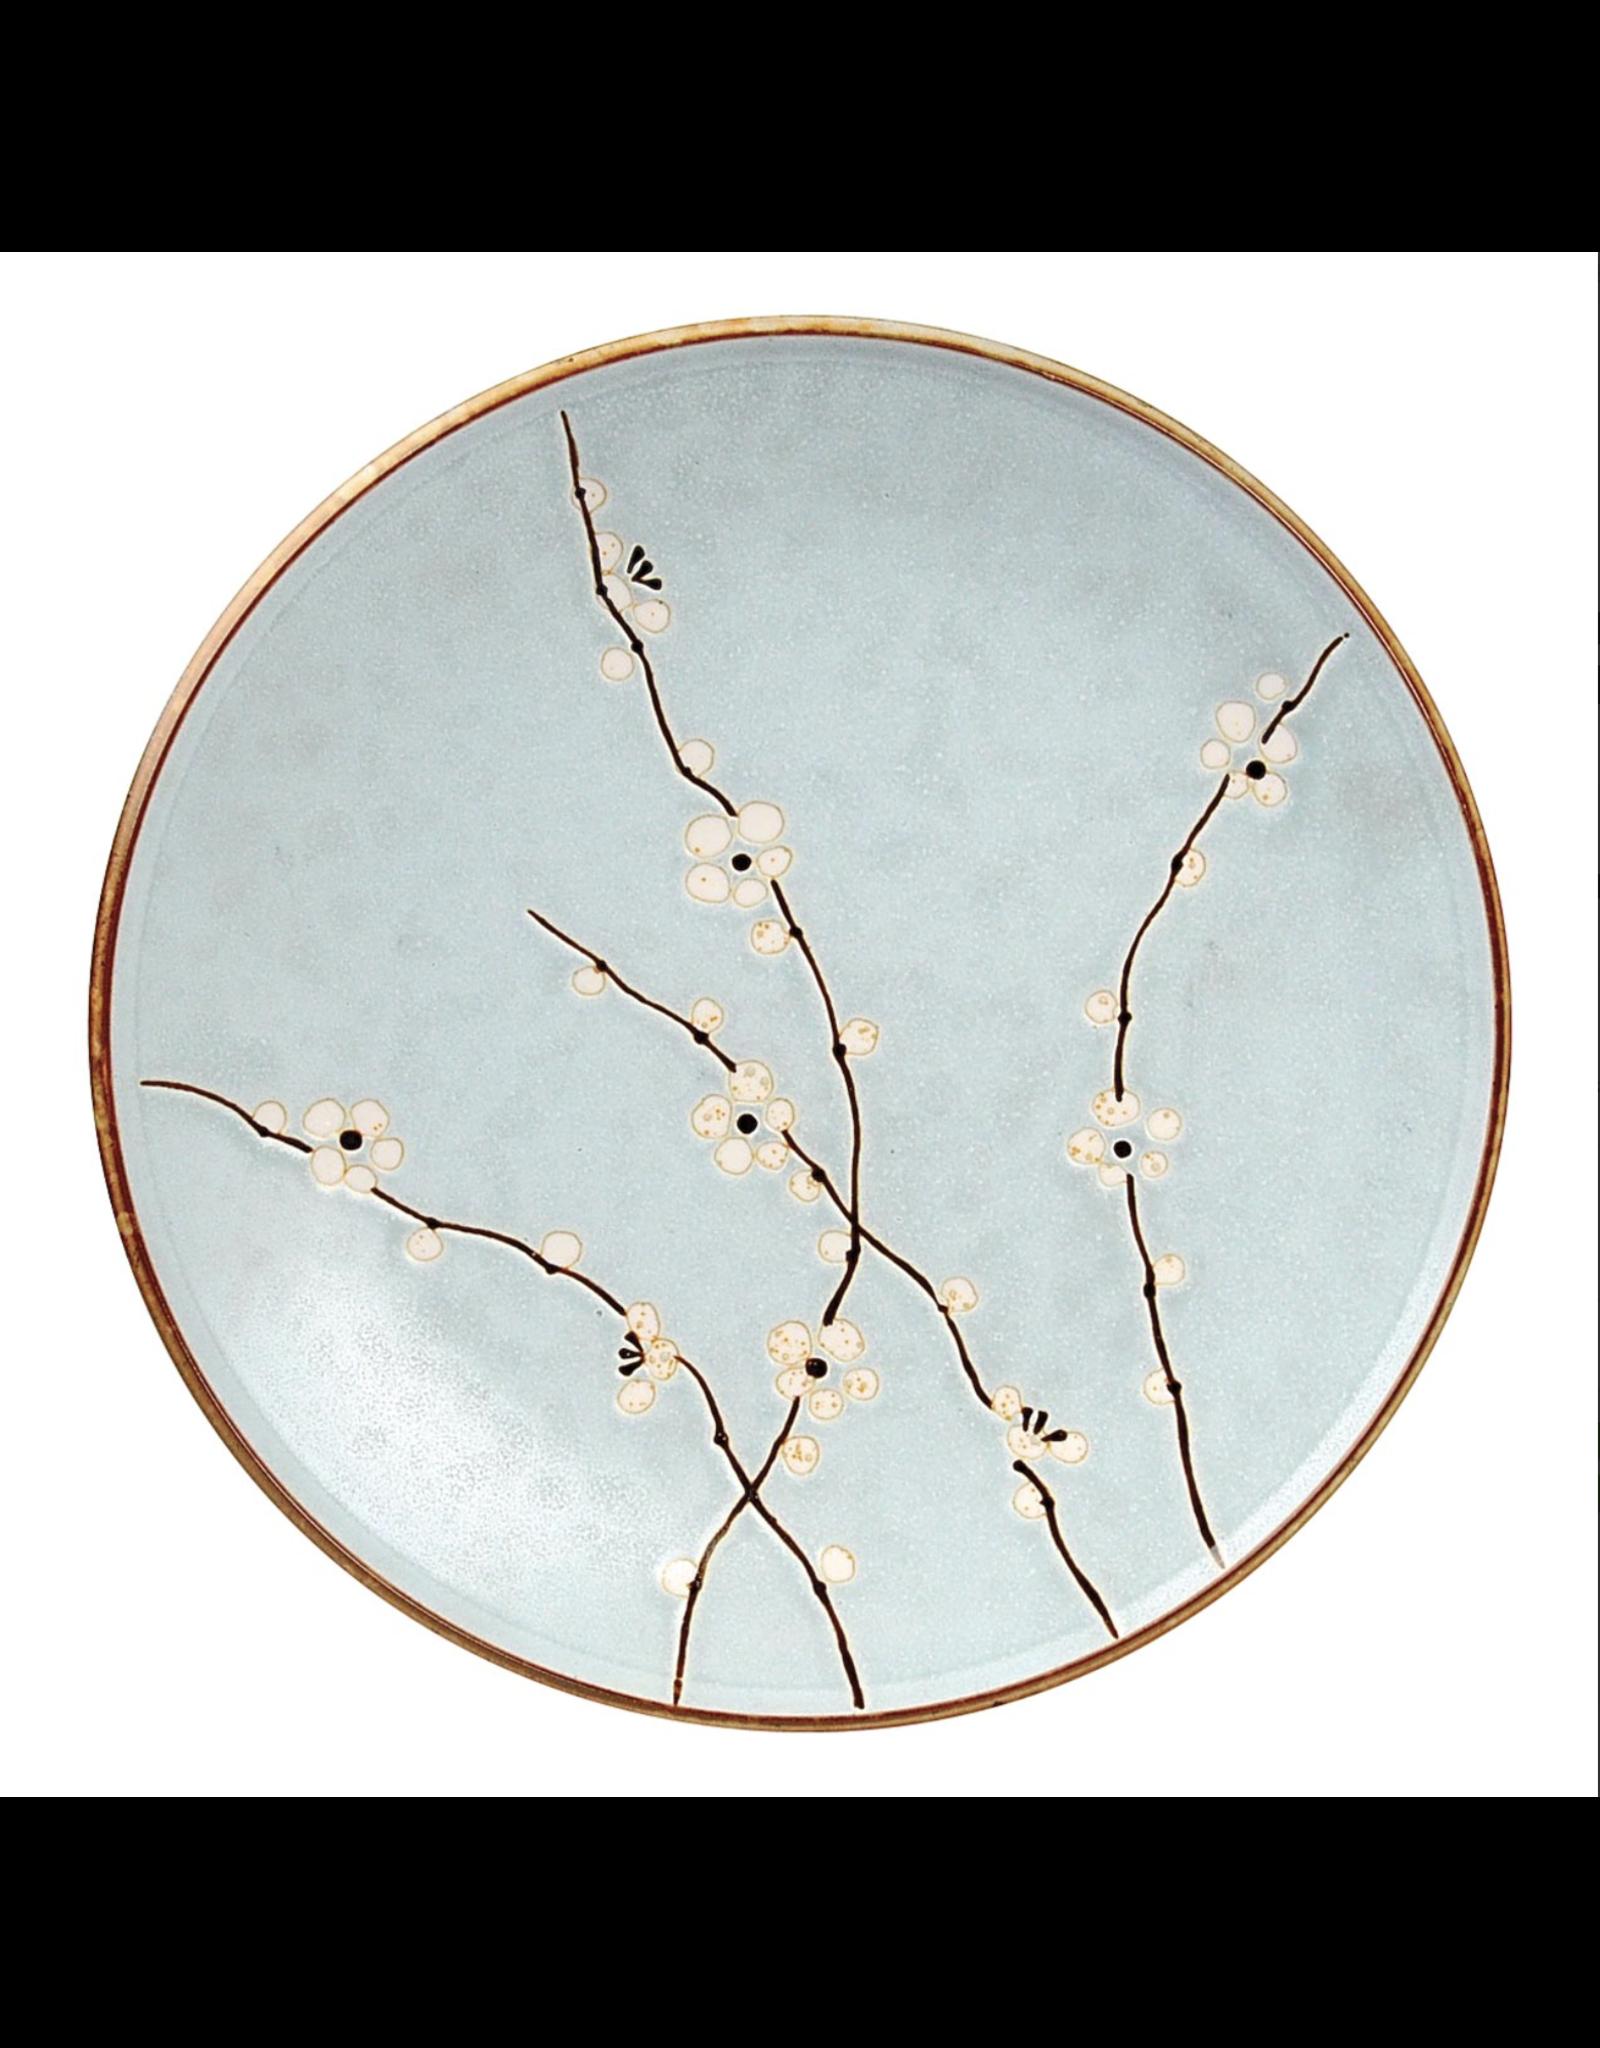 Soshun Plate 19.5cm Q275/BP 6/48